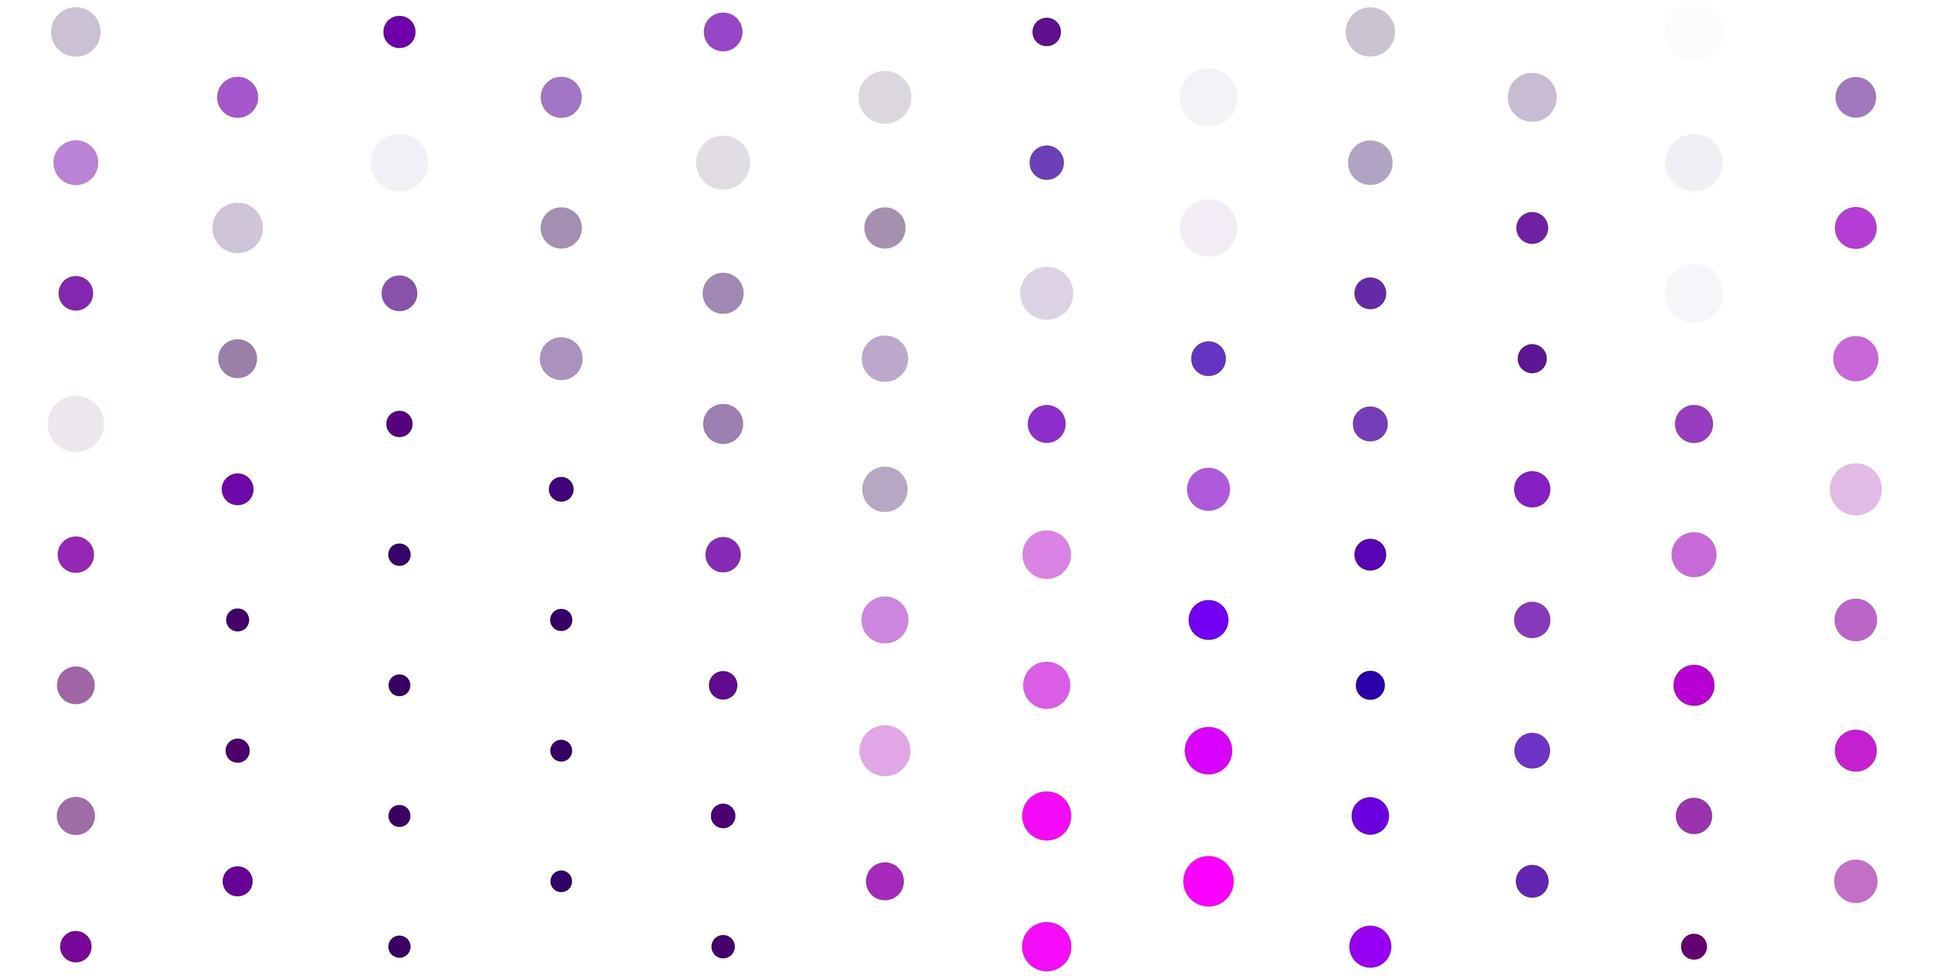 hellrosa Vektorhintergrund mit Punkten. vektor